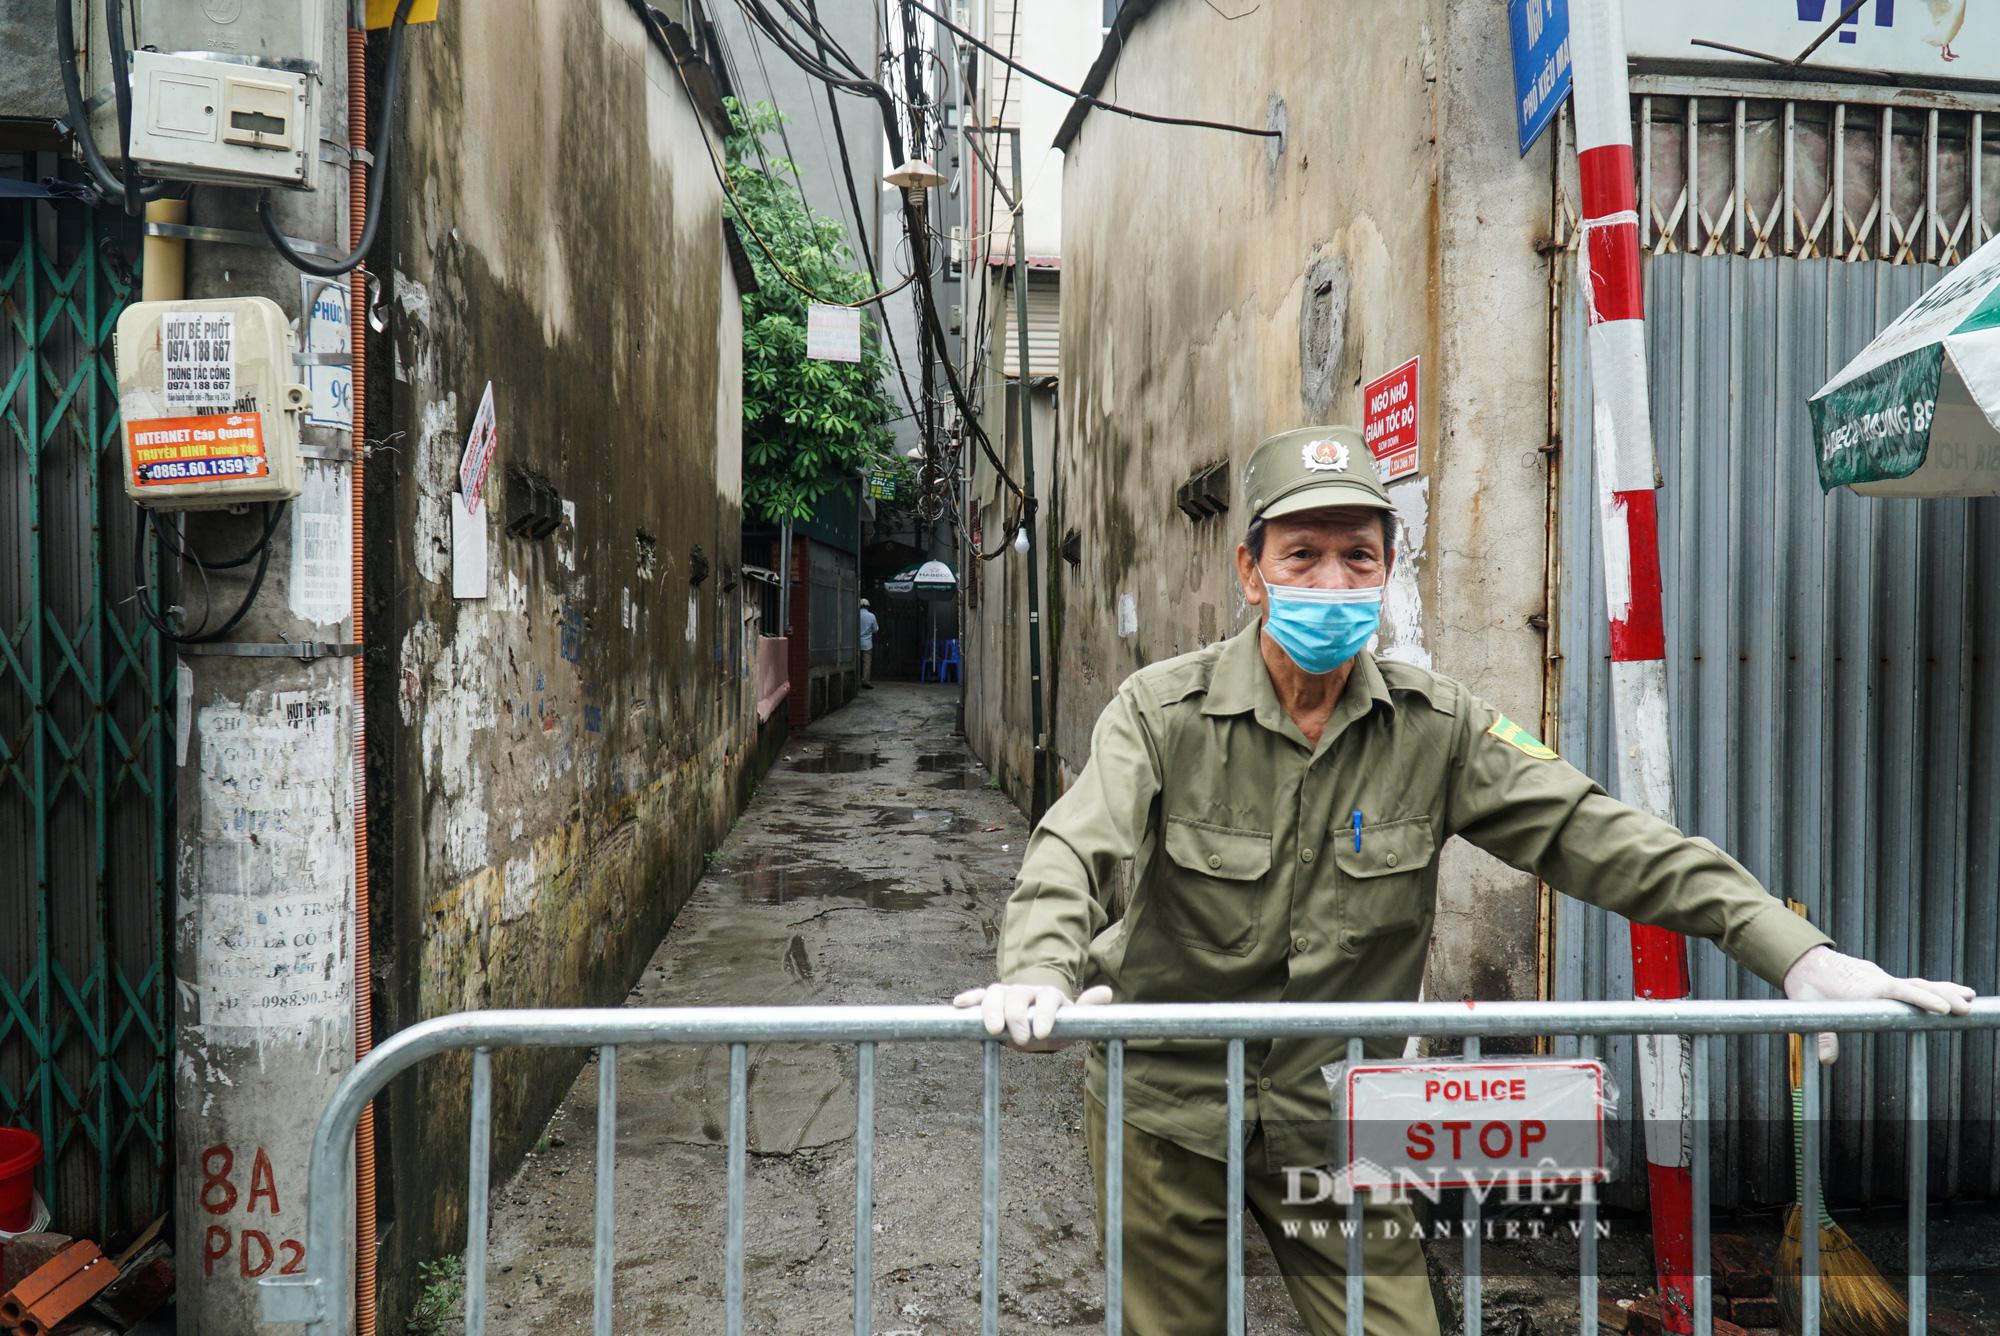 Mang gạo, mỳ tôm, thịt gà tiếp tế cho người dân trong khu phố Kiều Mai bị phong toả - Ảnh 1.